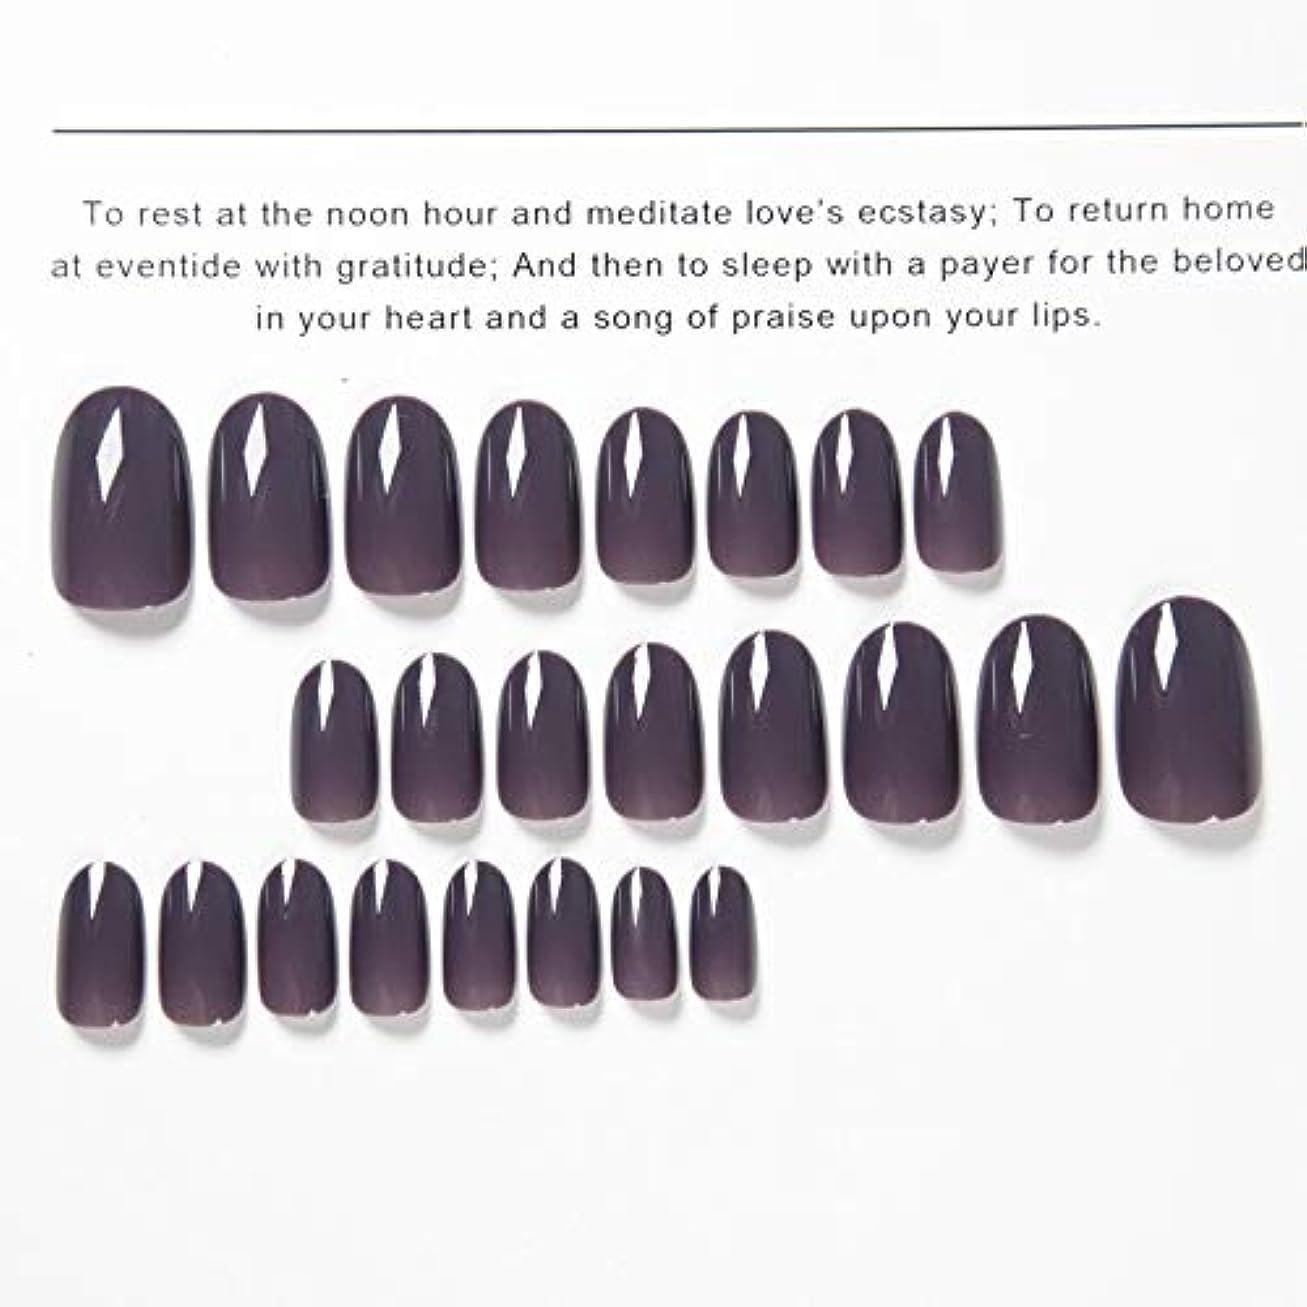 二次誠実動揺させるAFAEF HOME 偽の釘の古典24本の釘の釘のテープが付いている出版物の紫色